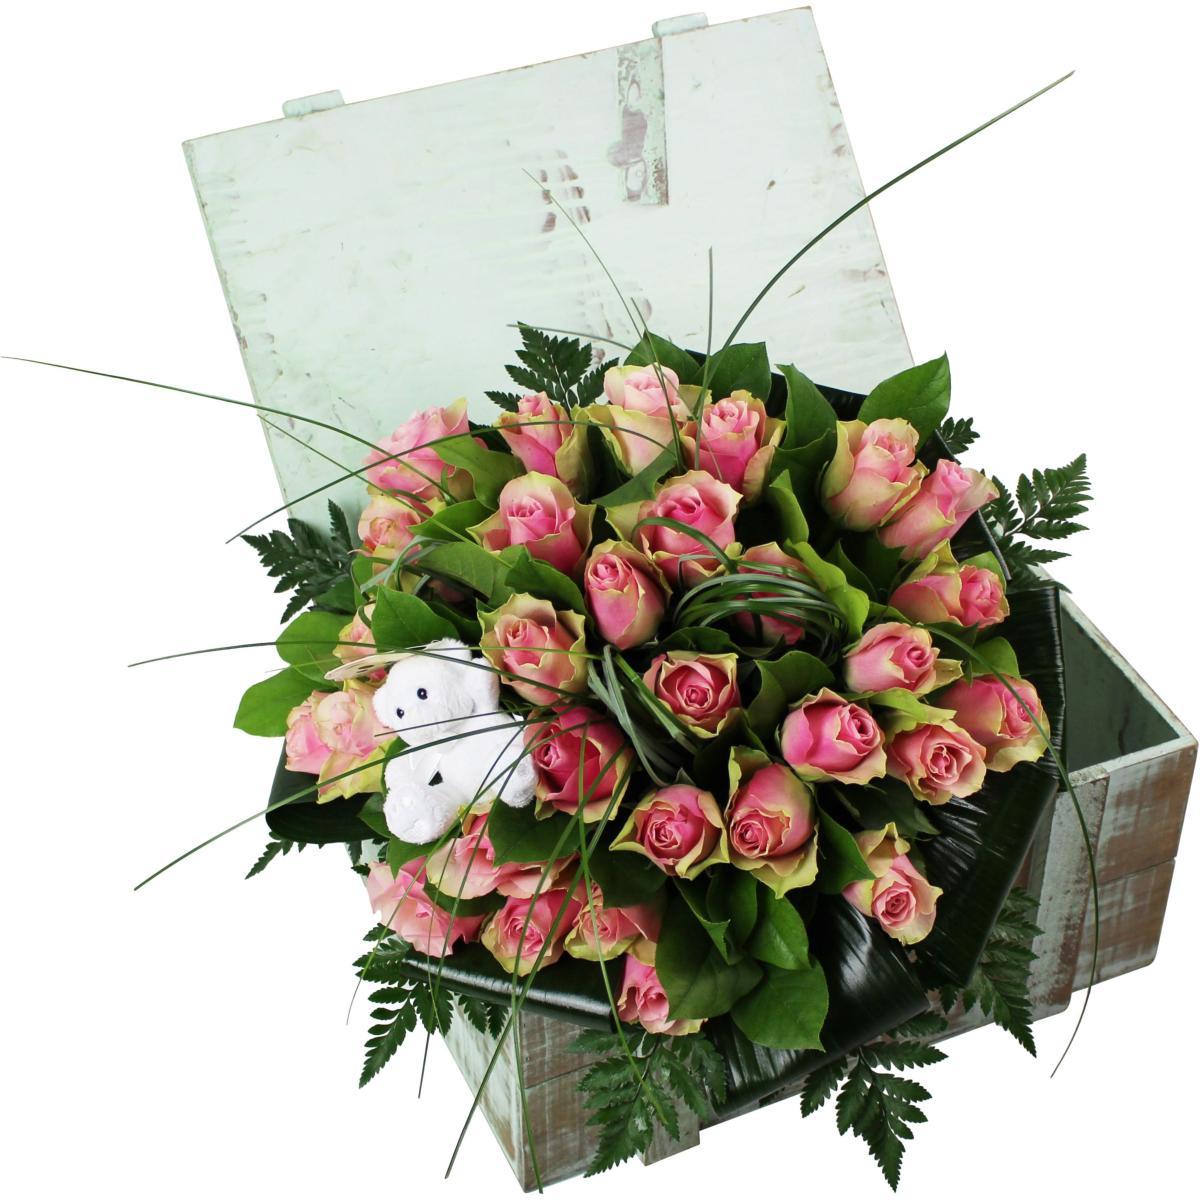 La fontaine fleurie bouquet de roses pour naissance for Fleurs pour une naissance